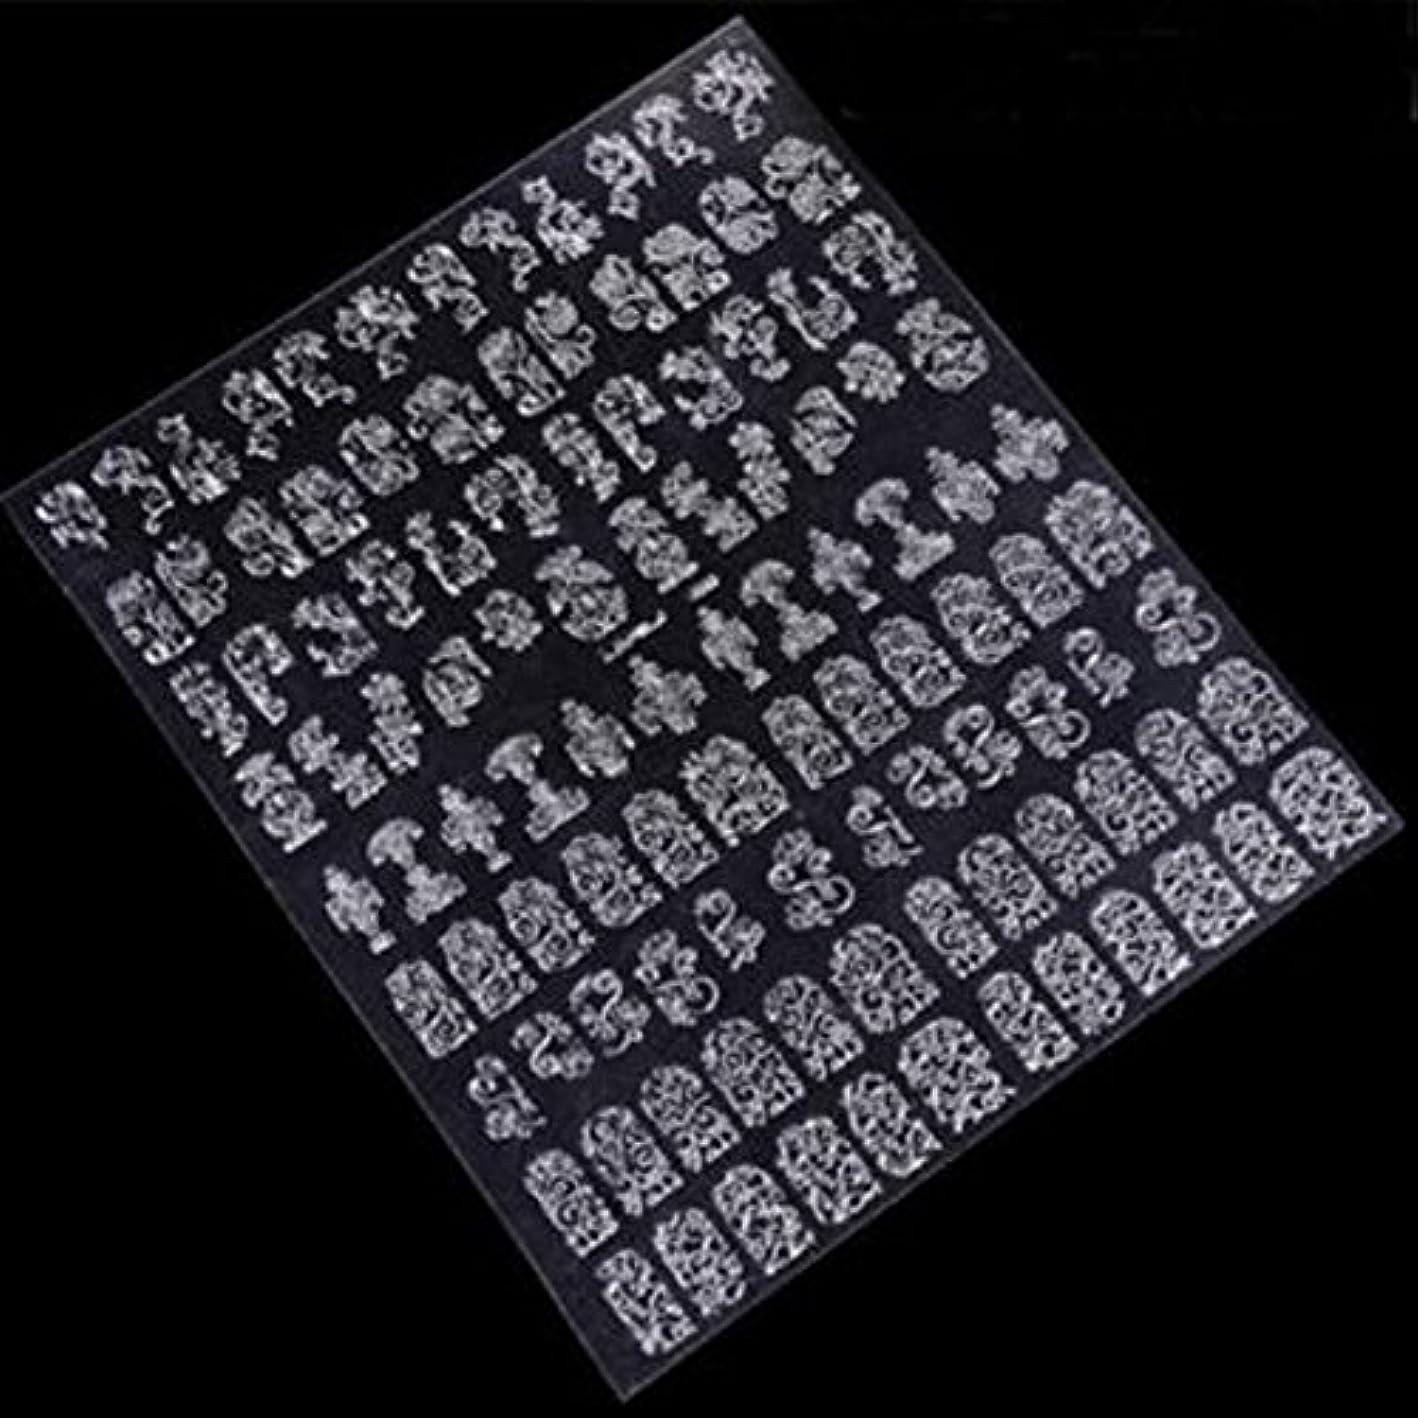 登る強調作曲するACHICOO ネイルアート ステッカー 108Pcs 3Dシルバーフラワー デカールステッカー DIY デコレーションツール